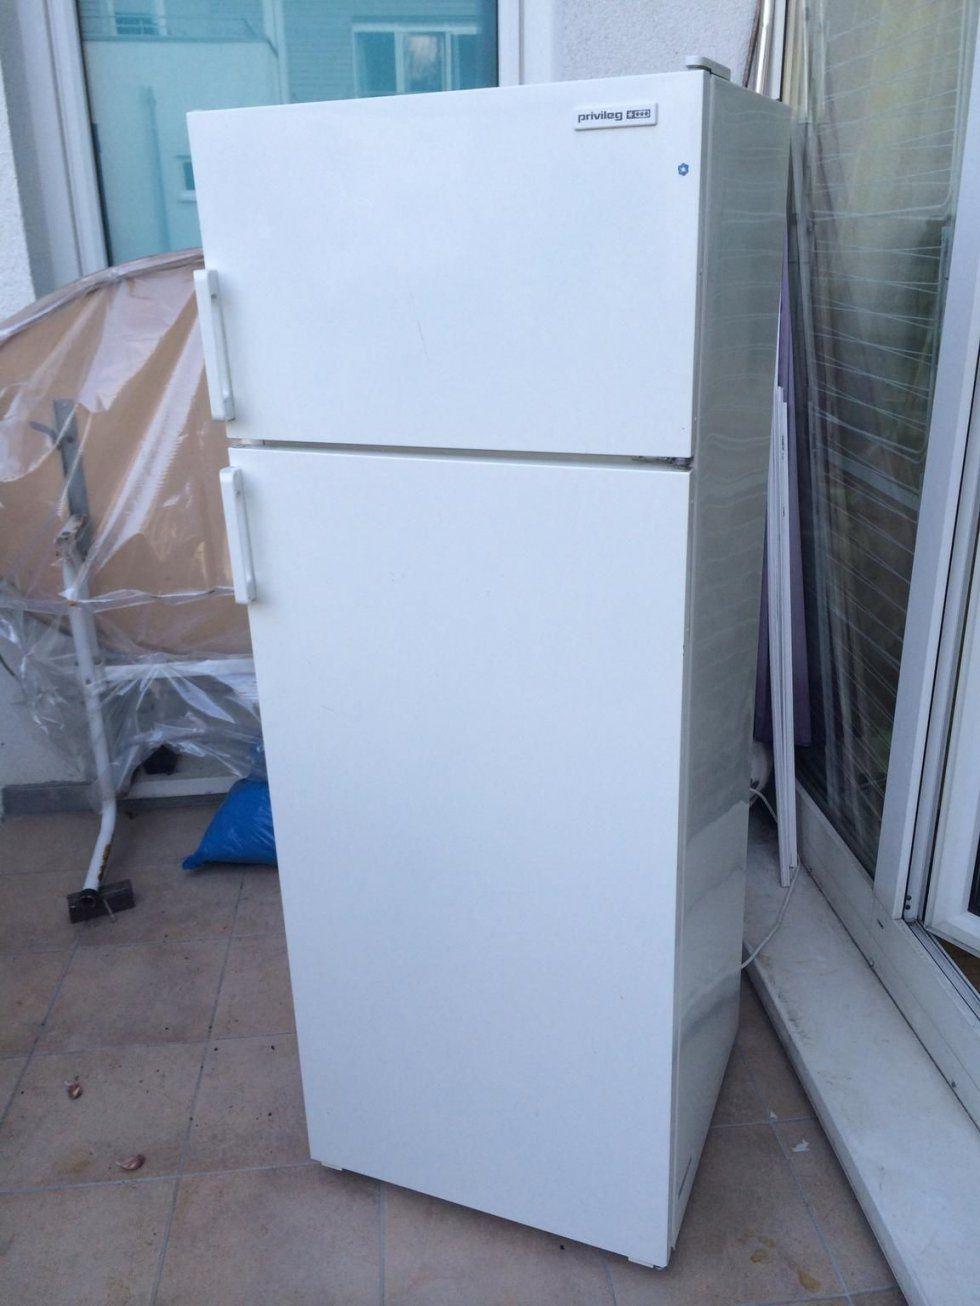 Gebraucht Privileg Kühlschrank Mit Gefrierfach In 5412 Puch Bei von Kühlschrank Mit Gefrierfach Gebraucht Photo